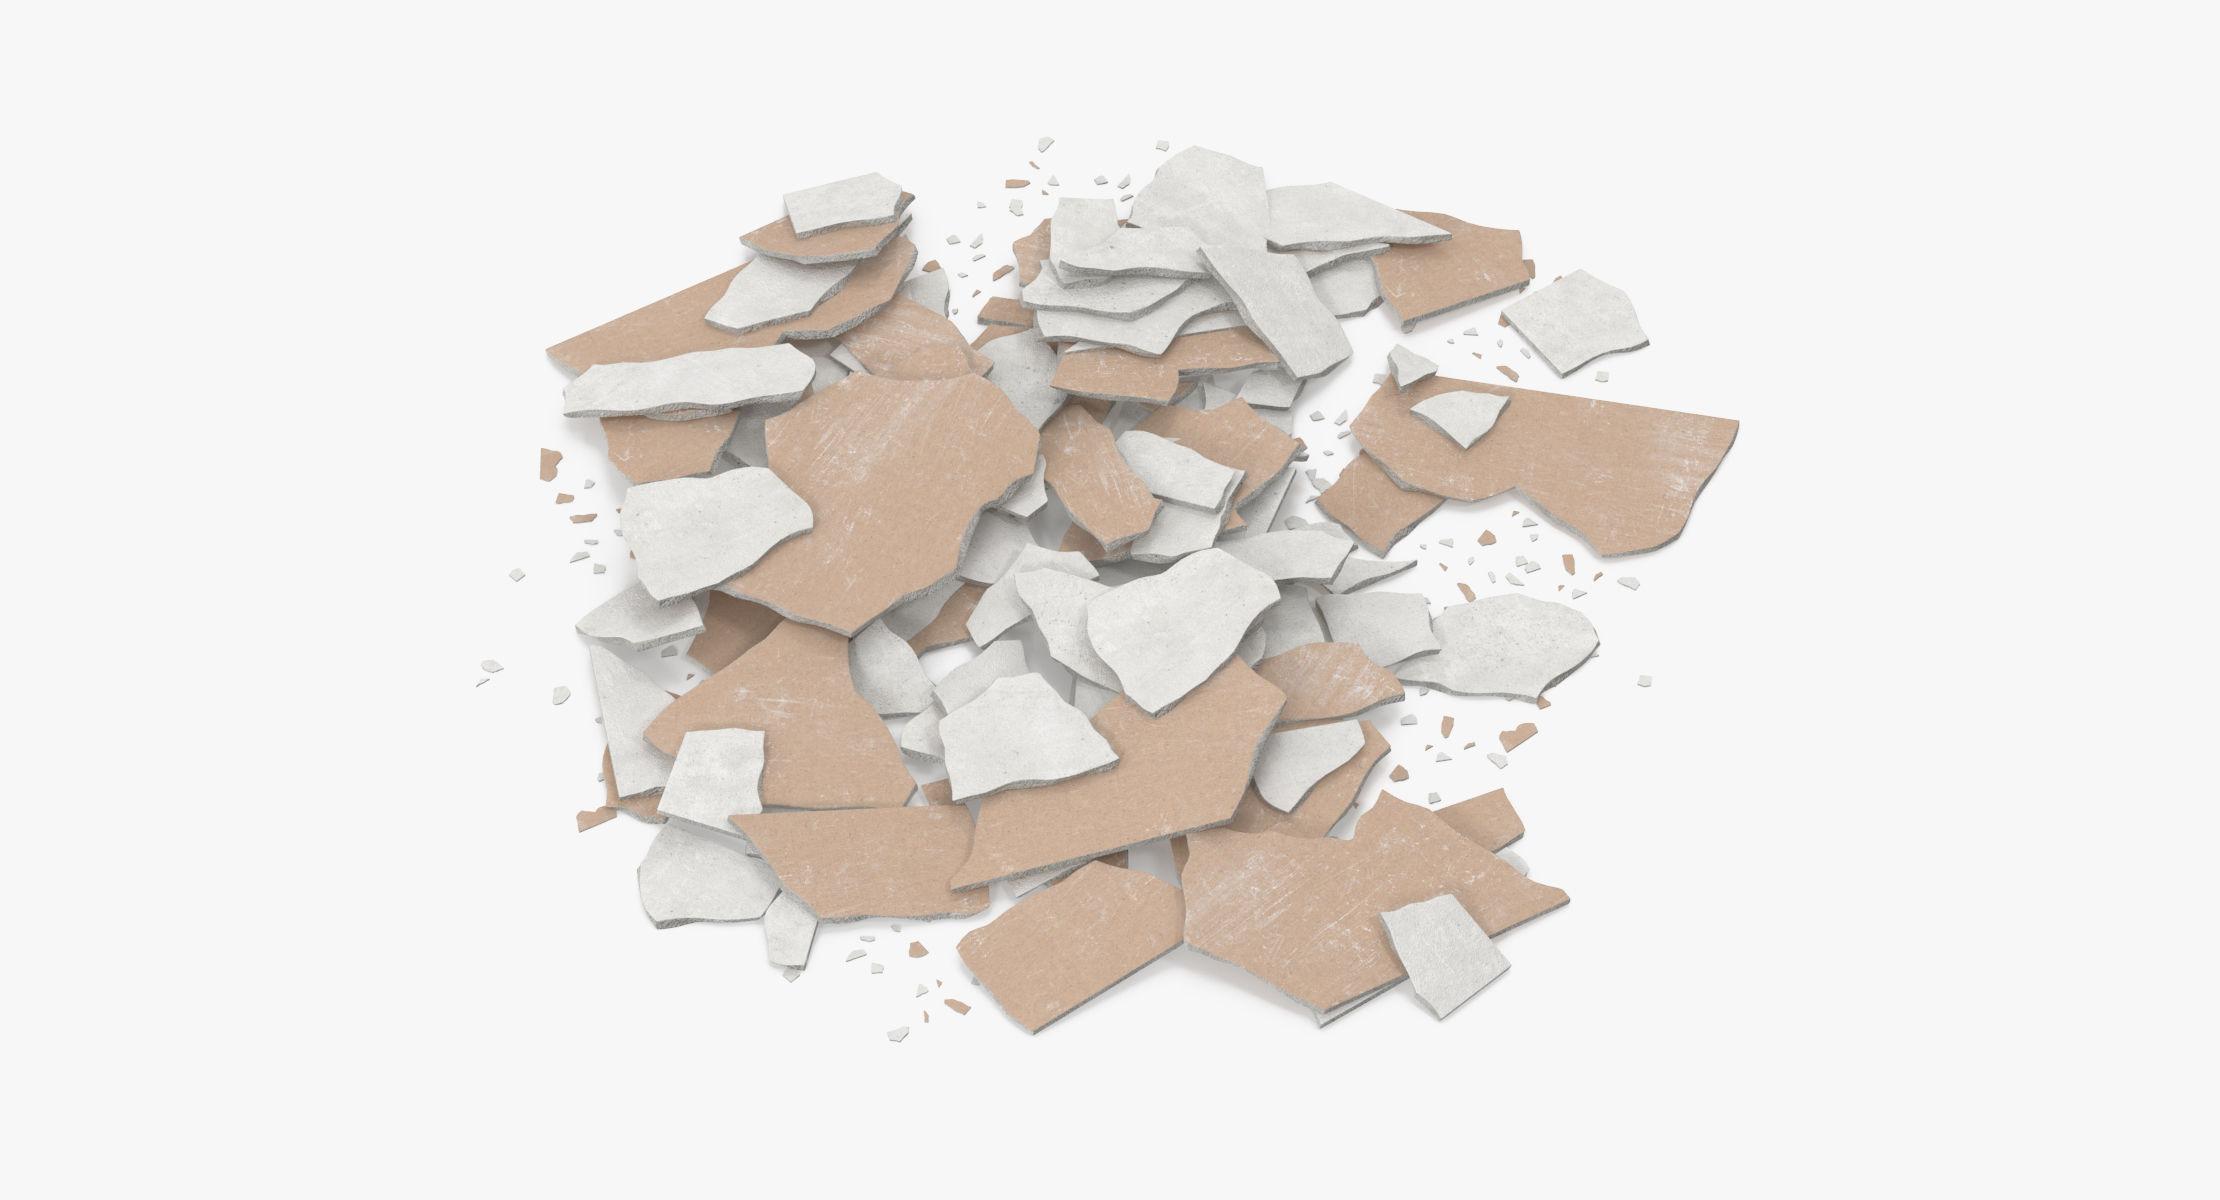 Broken Sheetrock - 03 - reel 1